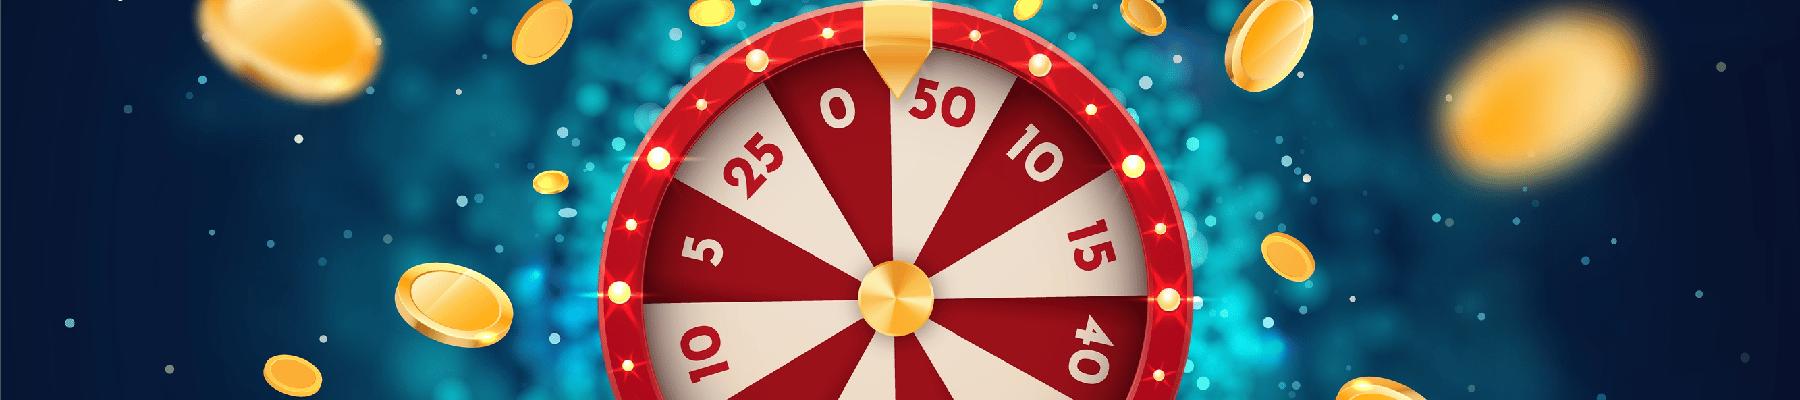 more bonus roulette